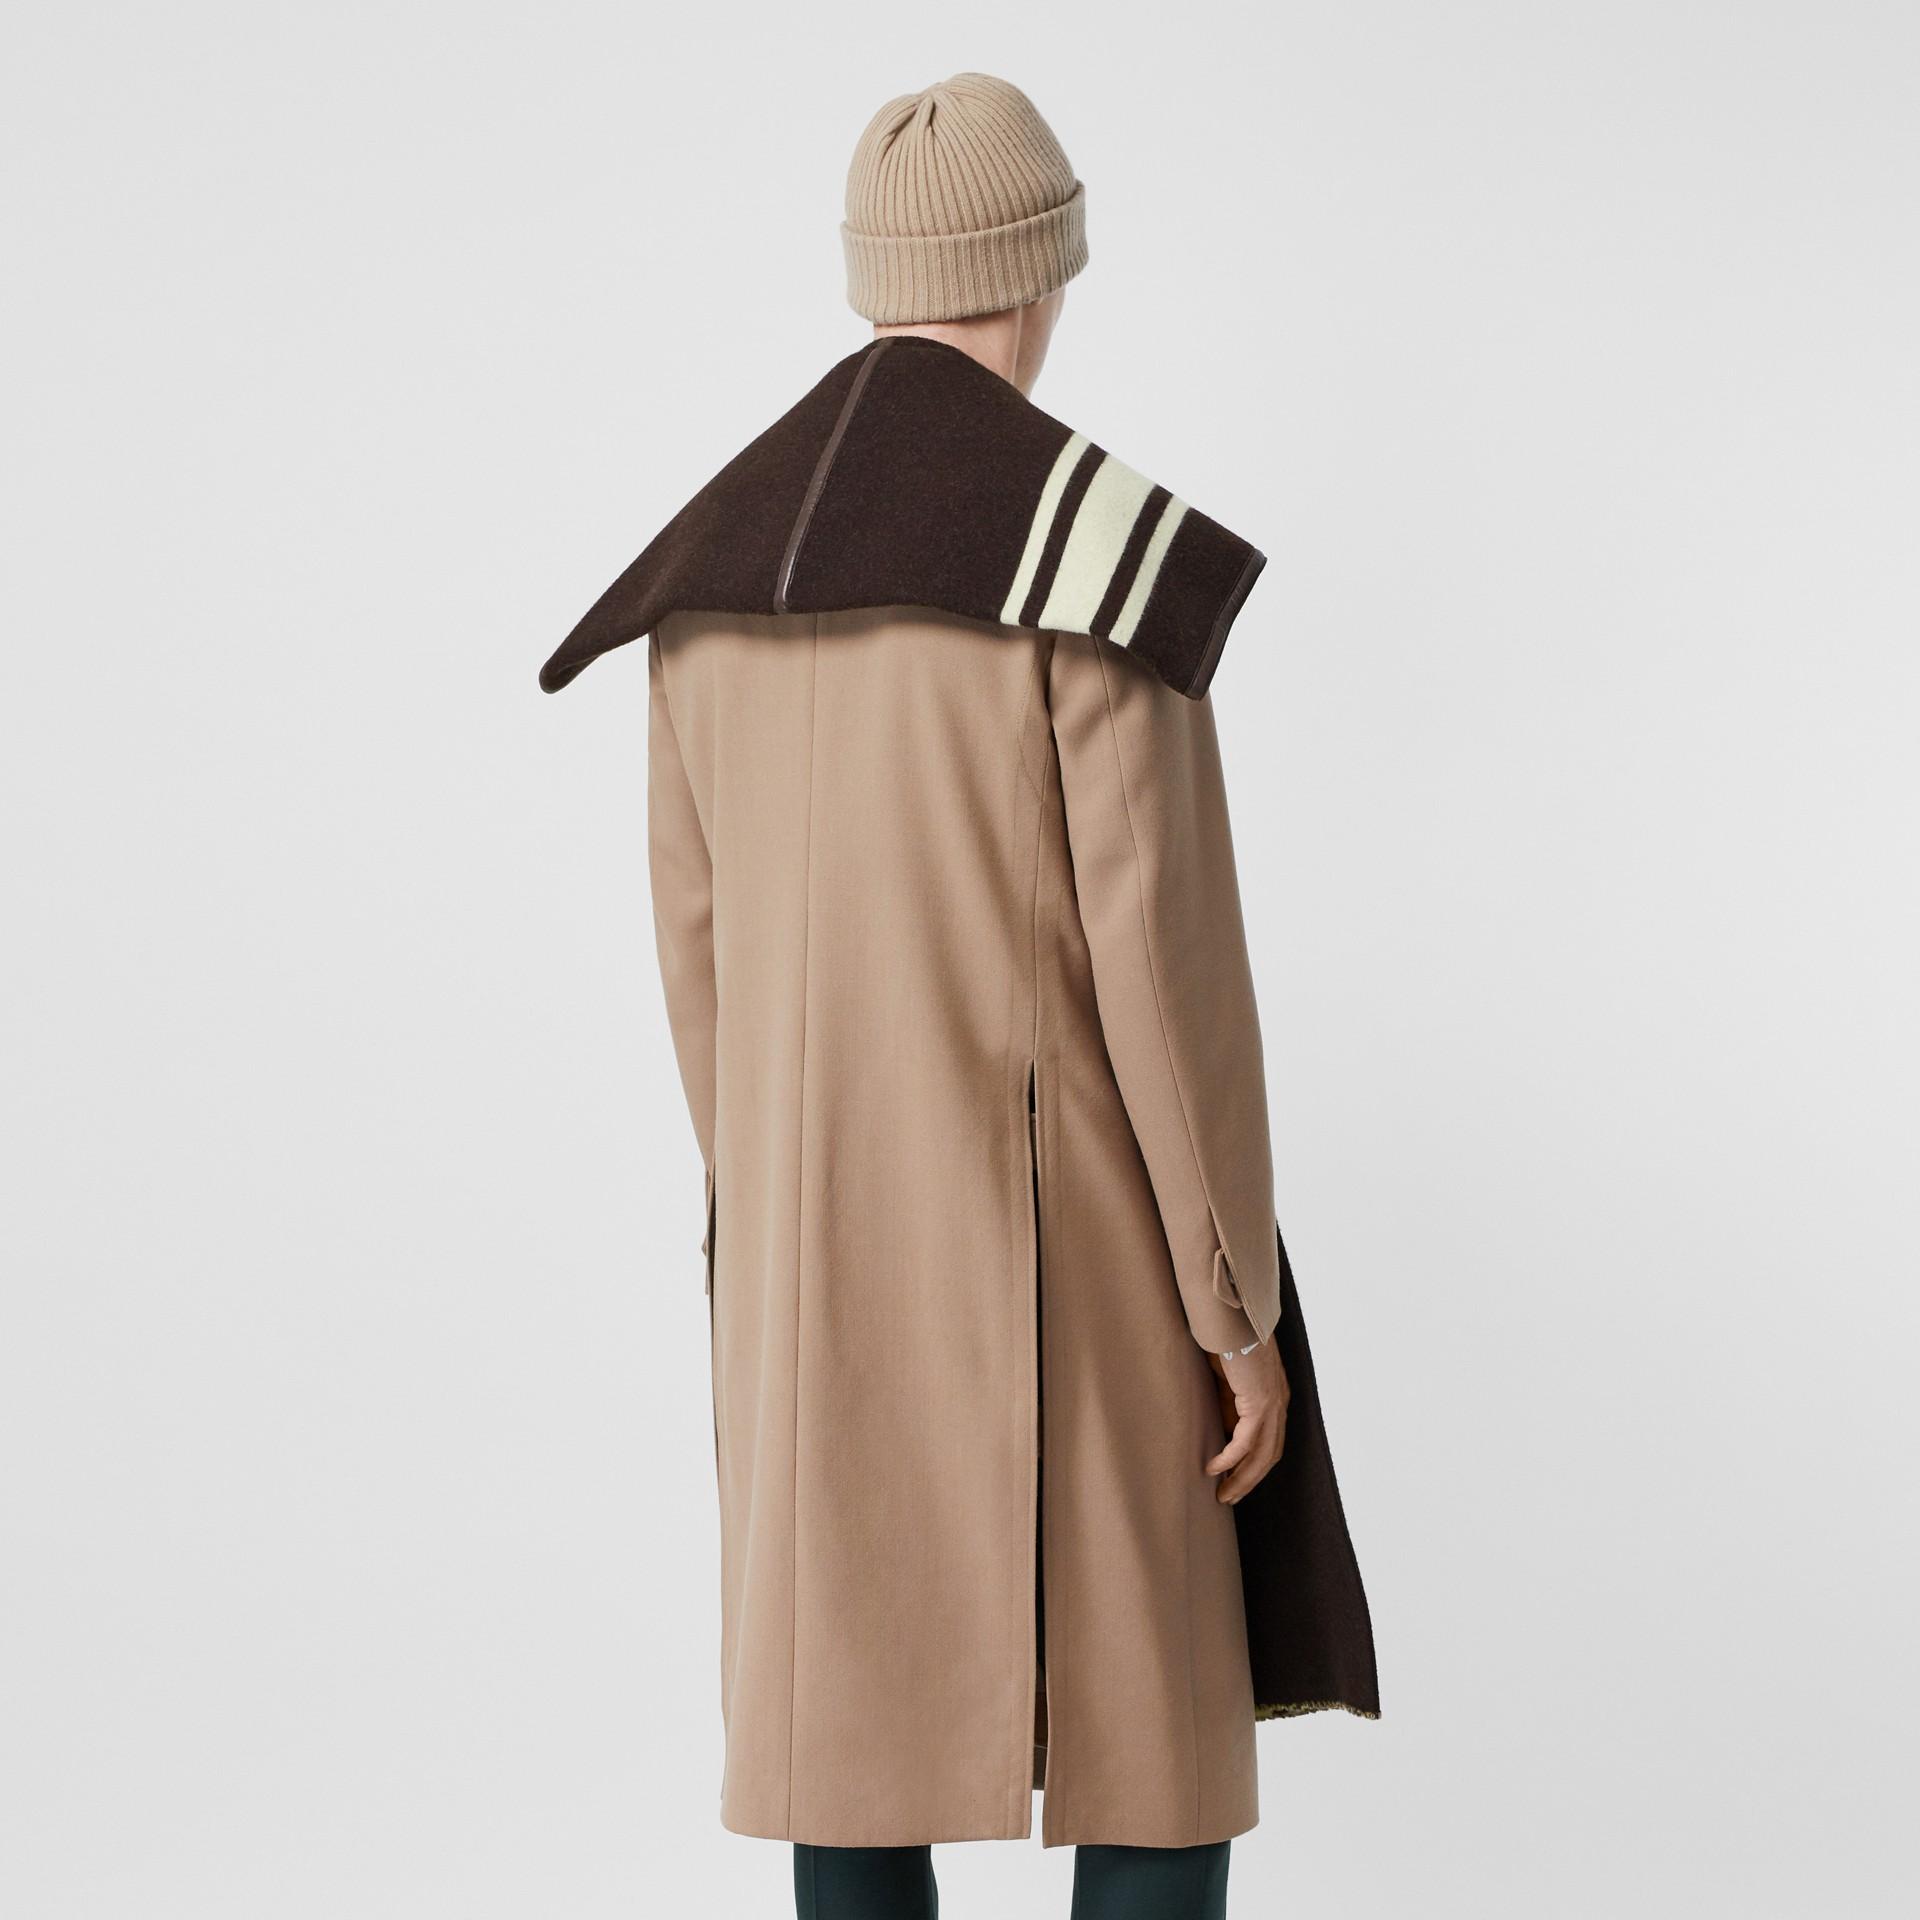 羔羊皮飾帶條紋細節設計羊毛提花披肩 (棕色) - 女款 | Burberry - 圖庫照片 8